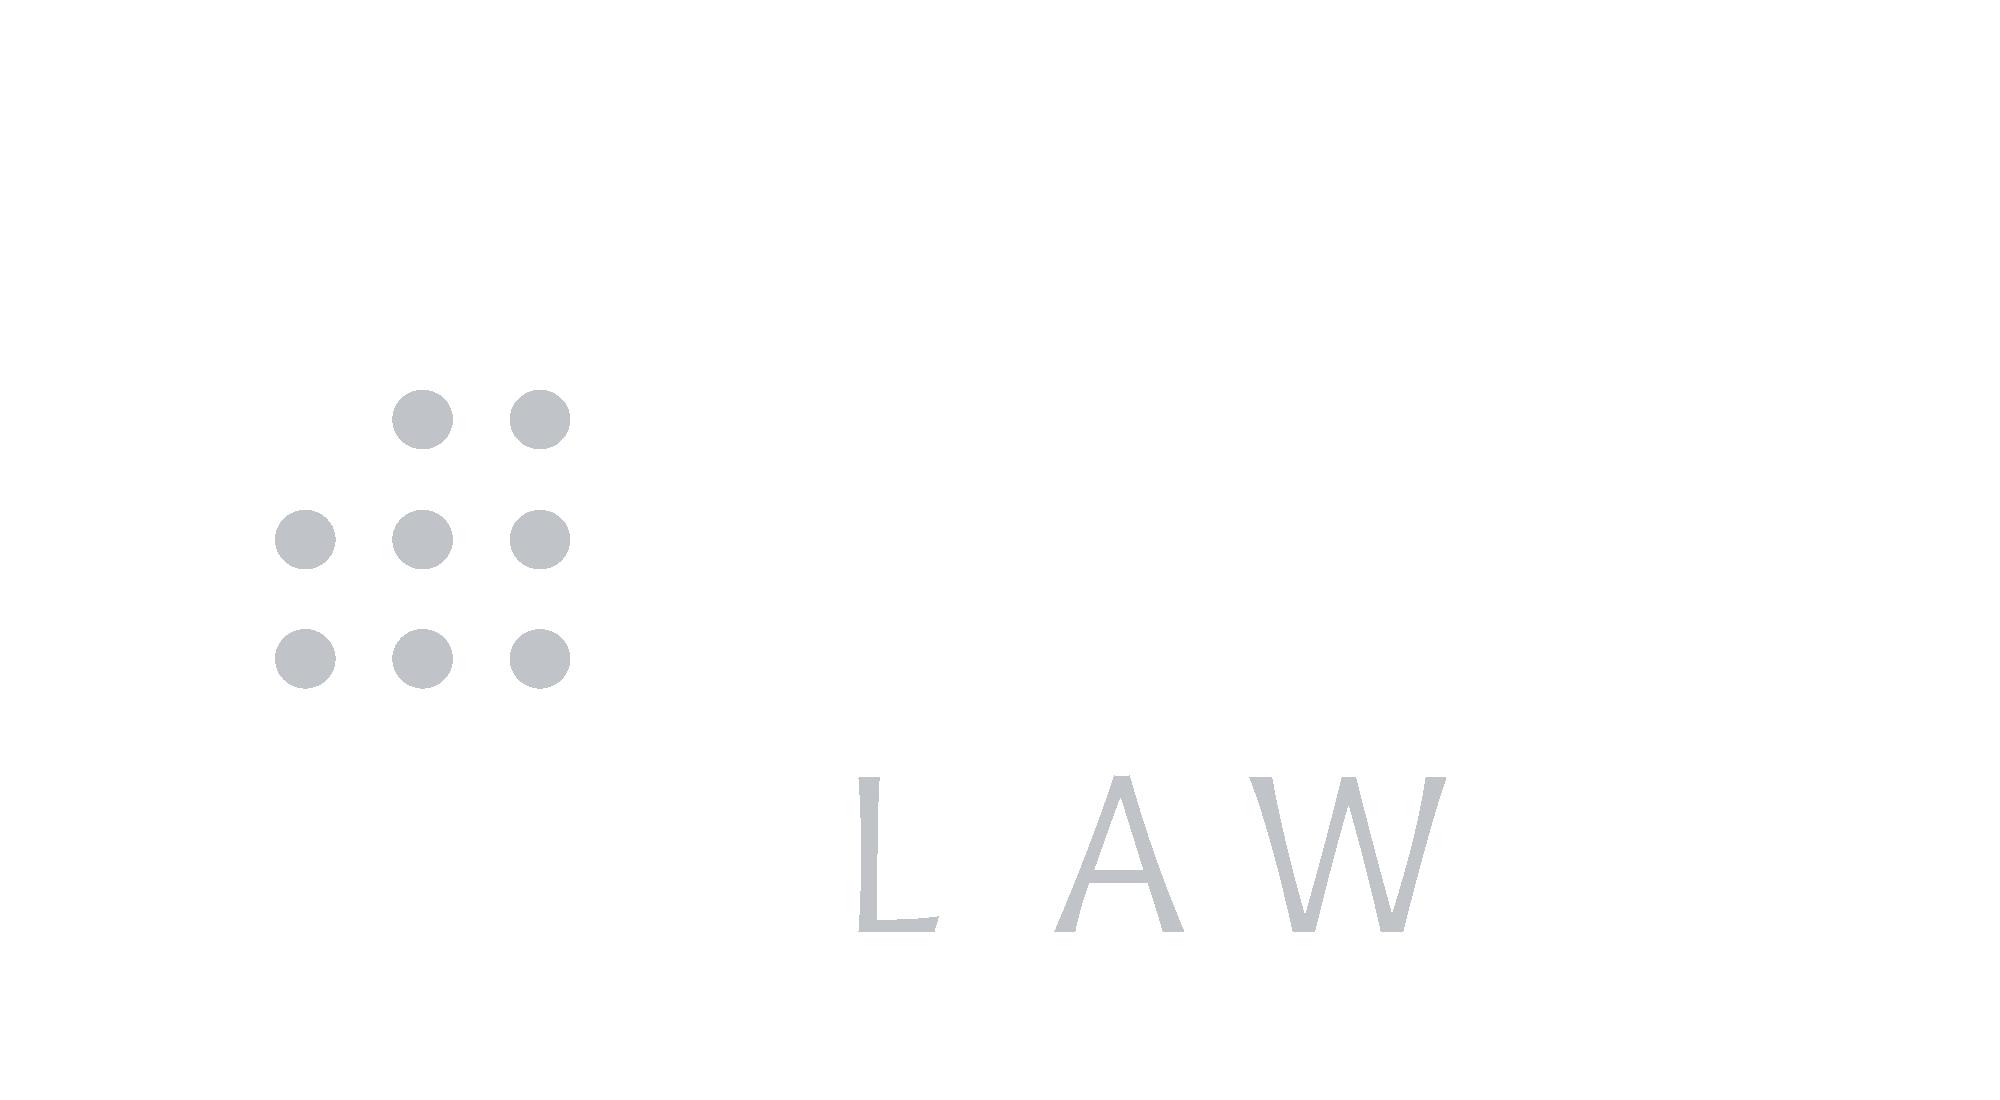 fleet law logo